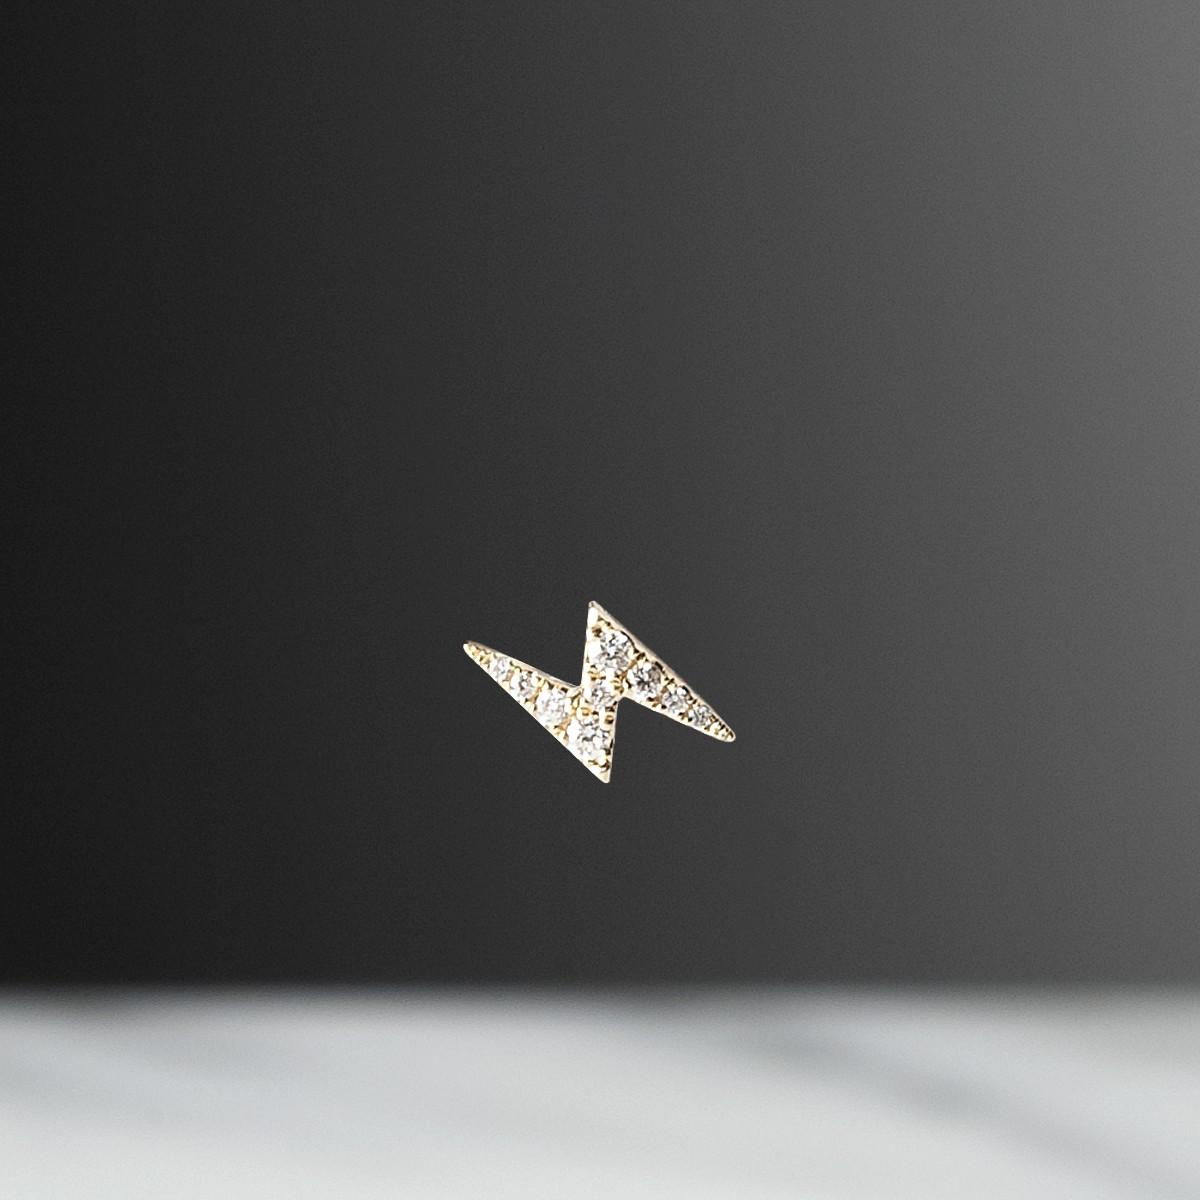 eclair-1960-yellow-gold-white-diamond